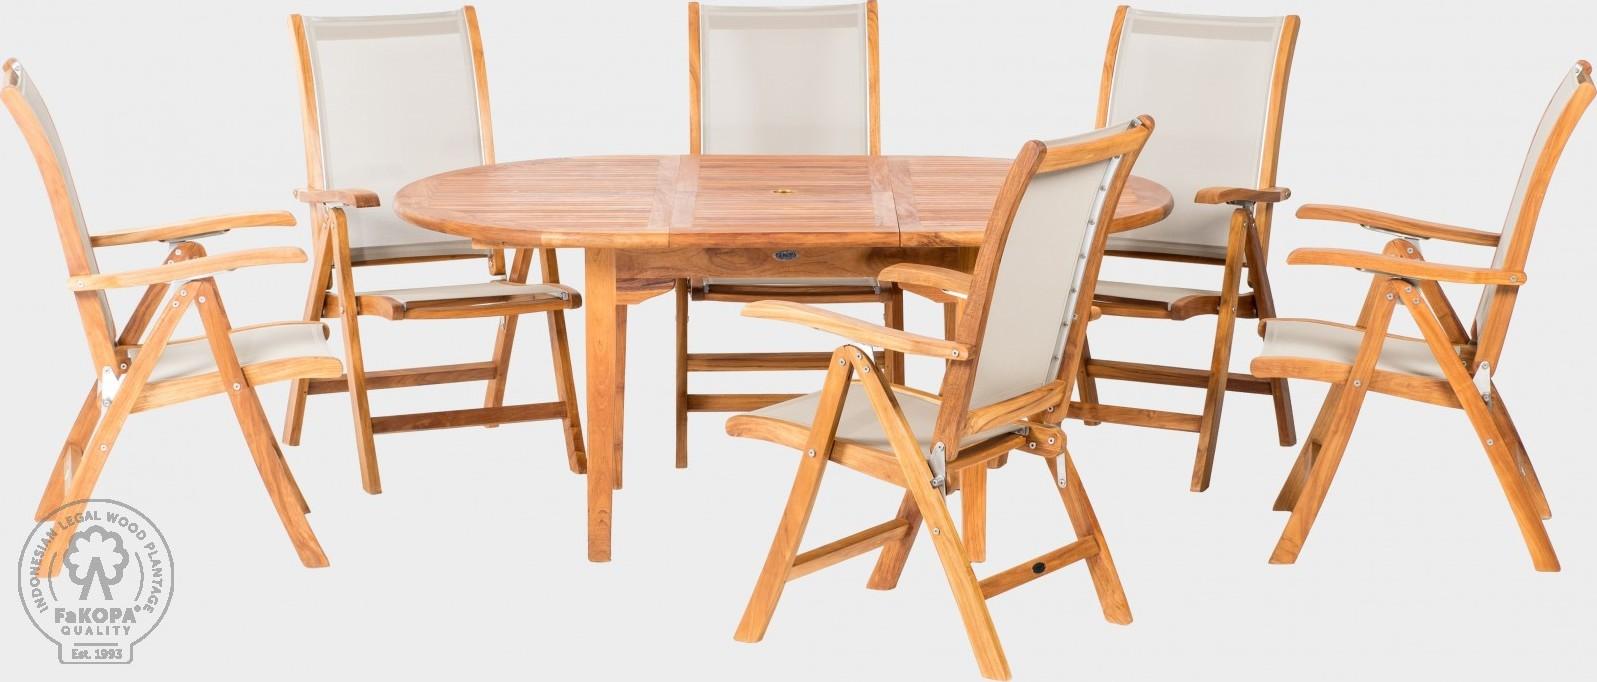 FaKOPA Zahradní set z teakového dřeva 6xkřeslo rozkládací stůl Vladlena